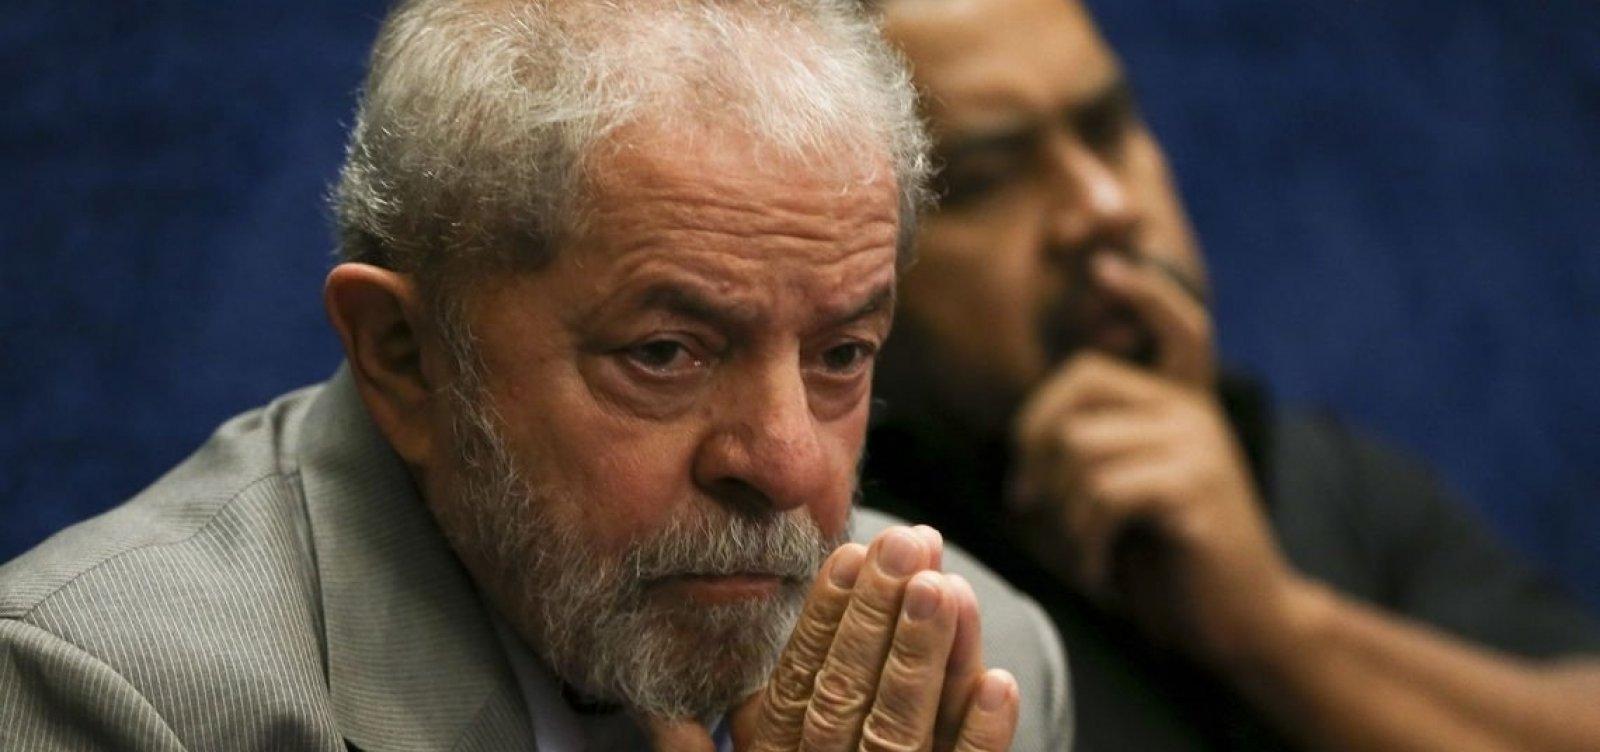 MPF defende que habeas corpus deve ser negado a Lula em caso envolvendo terreno de instituto